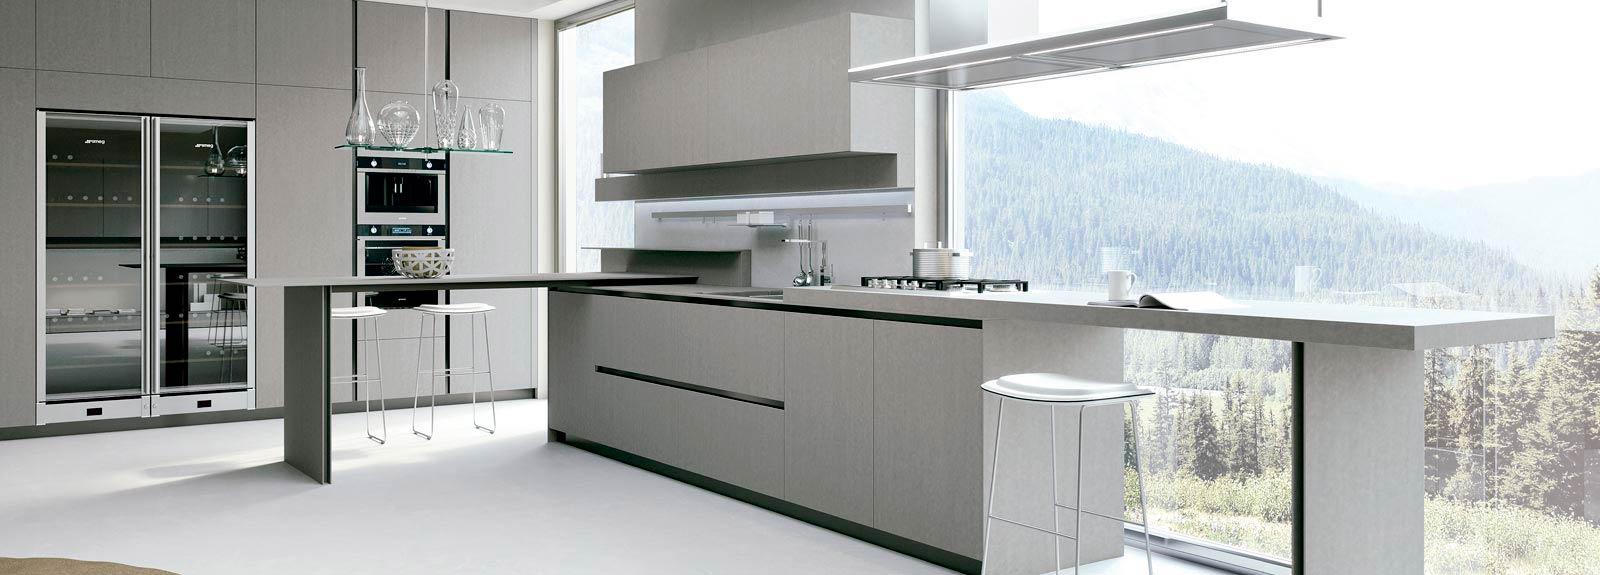 sillas-cocina-murcia-stancia-5